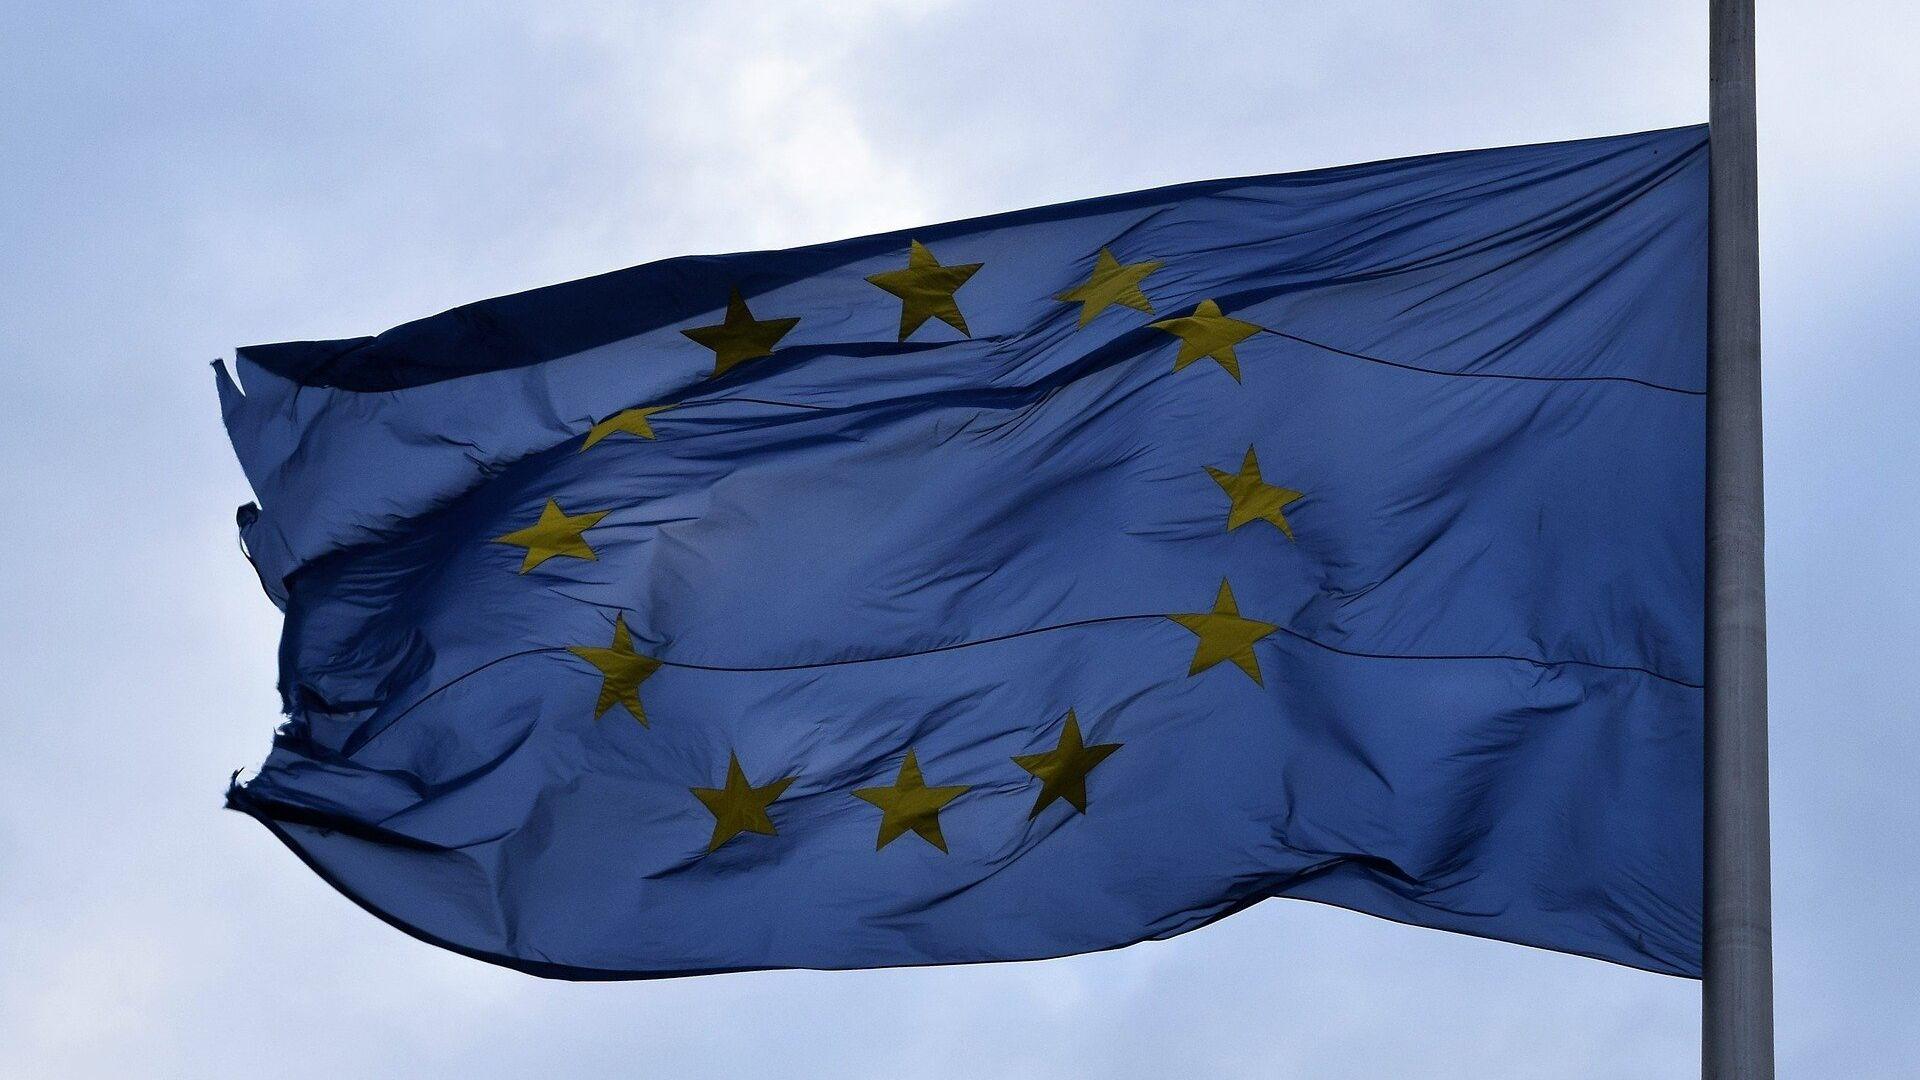 Bandera de la UE - Sputnik Mundo, 1920, 13.12.2019